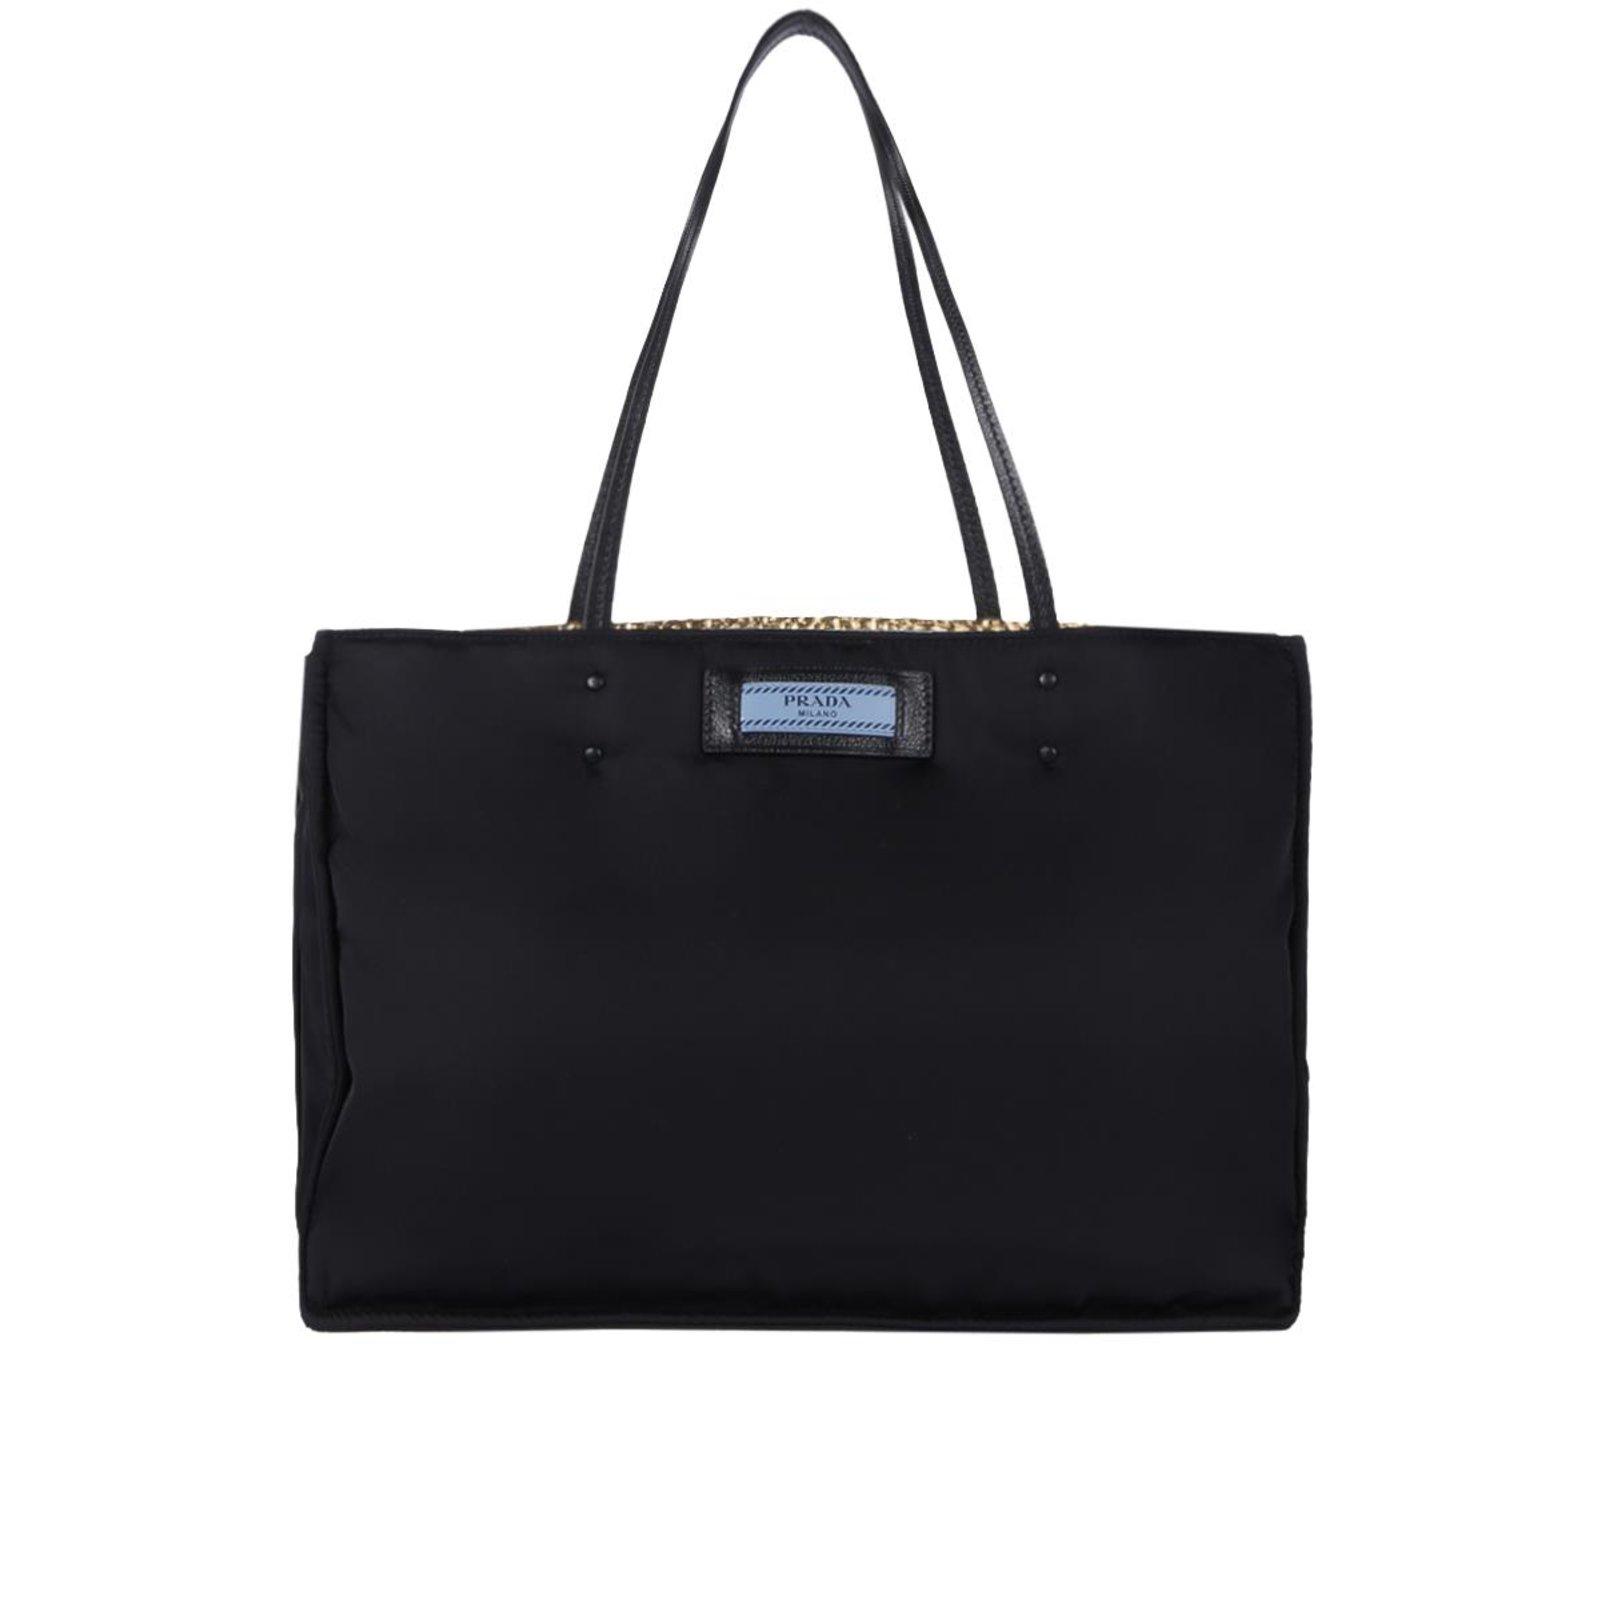 bacad774e6 Nylon Tote Handbags - Foto Handbag All Collections Salonagafiya.Com